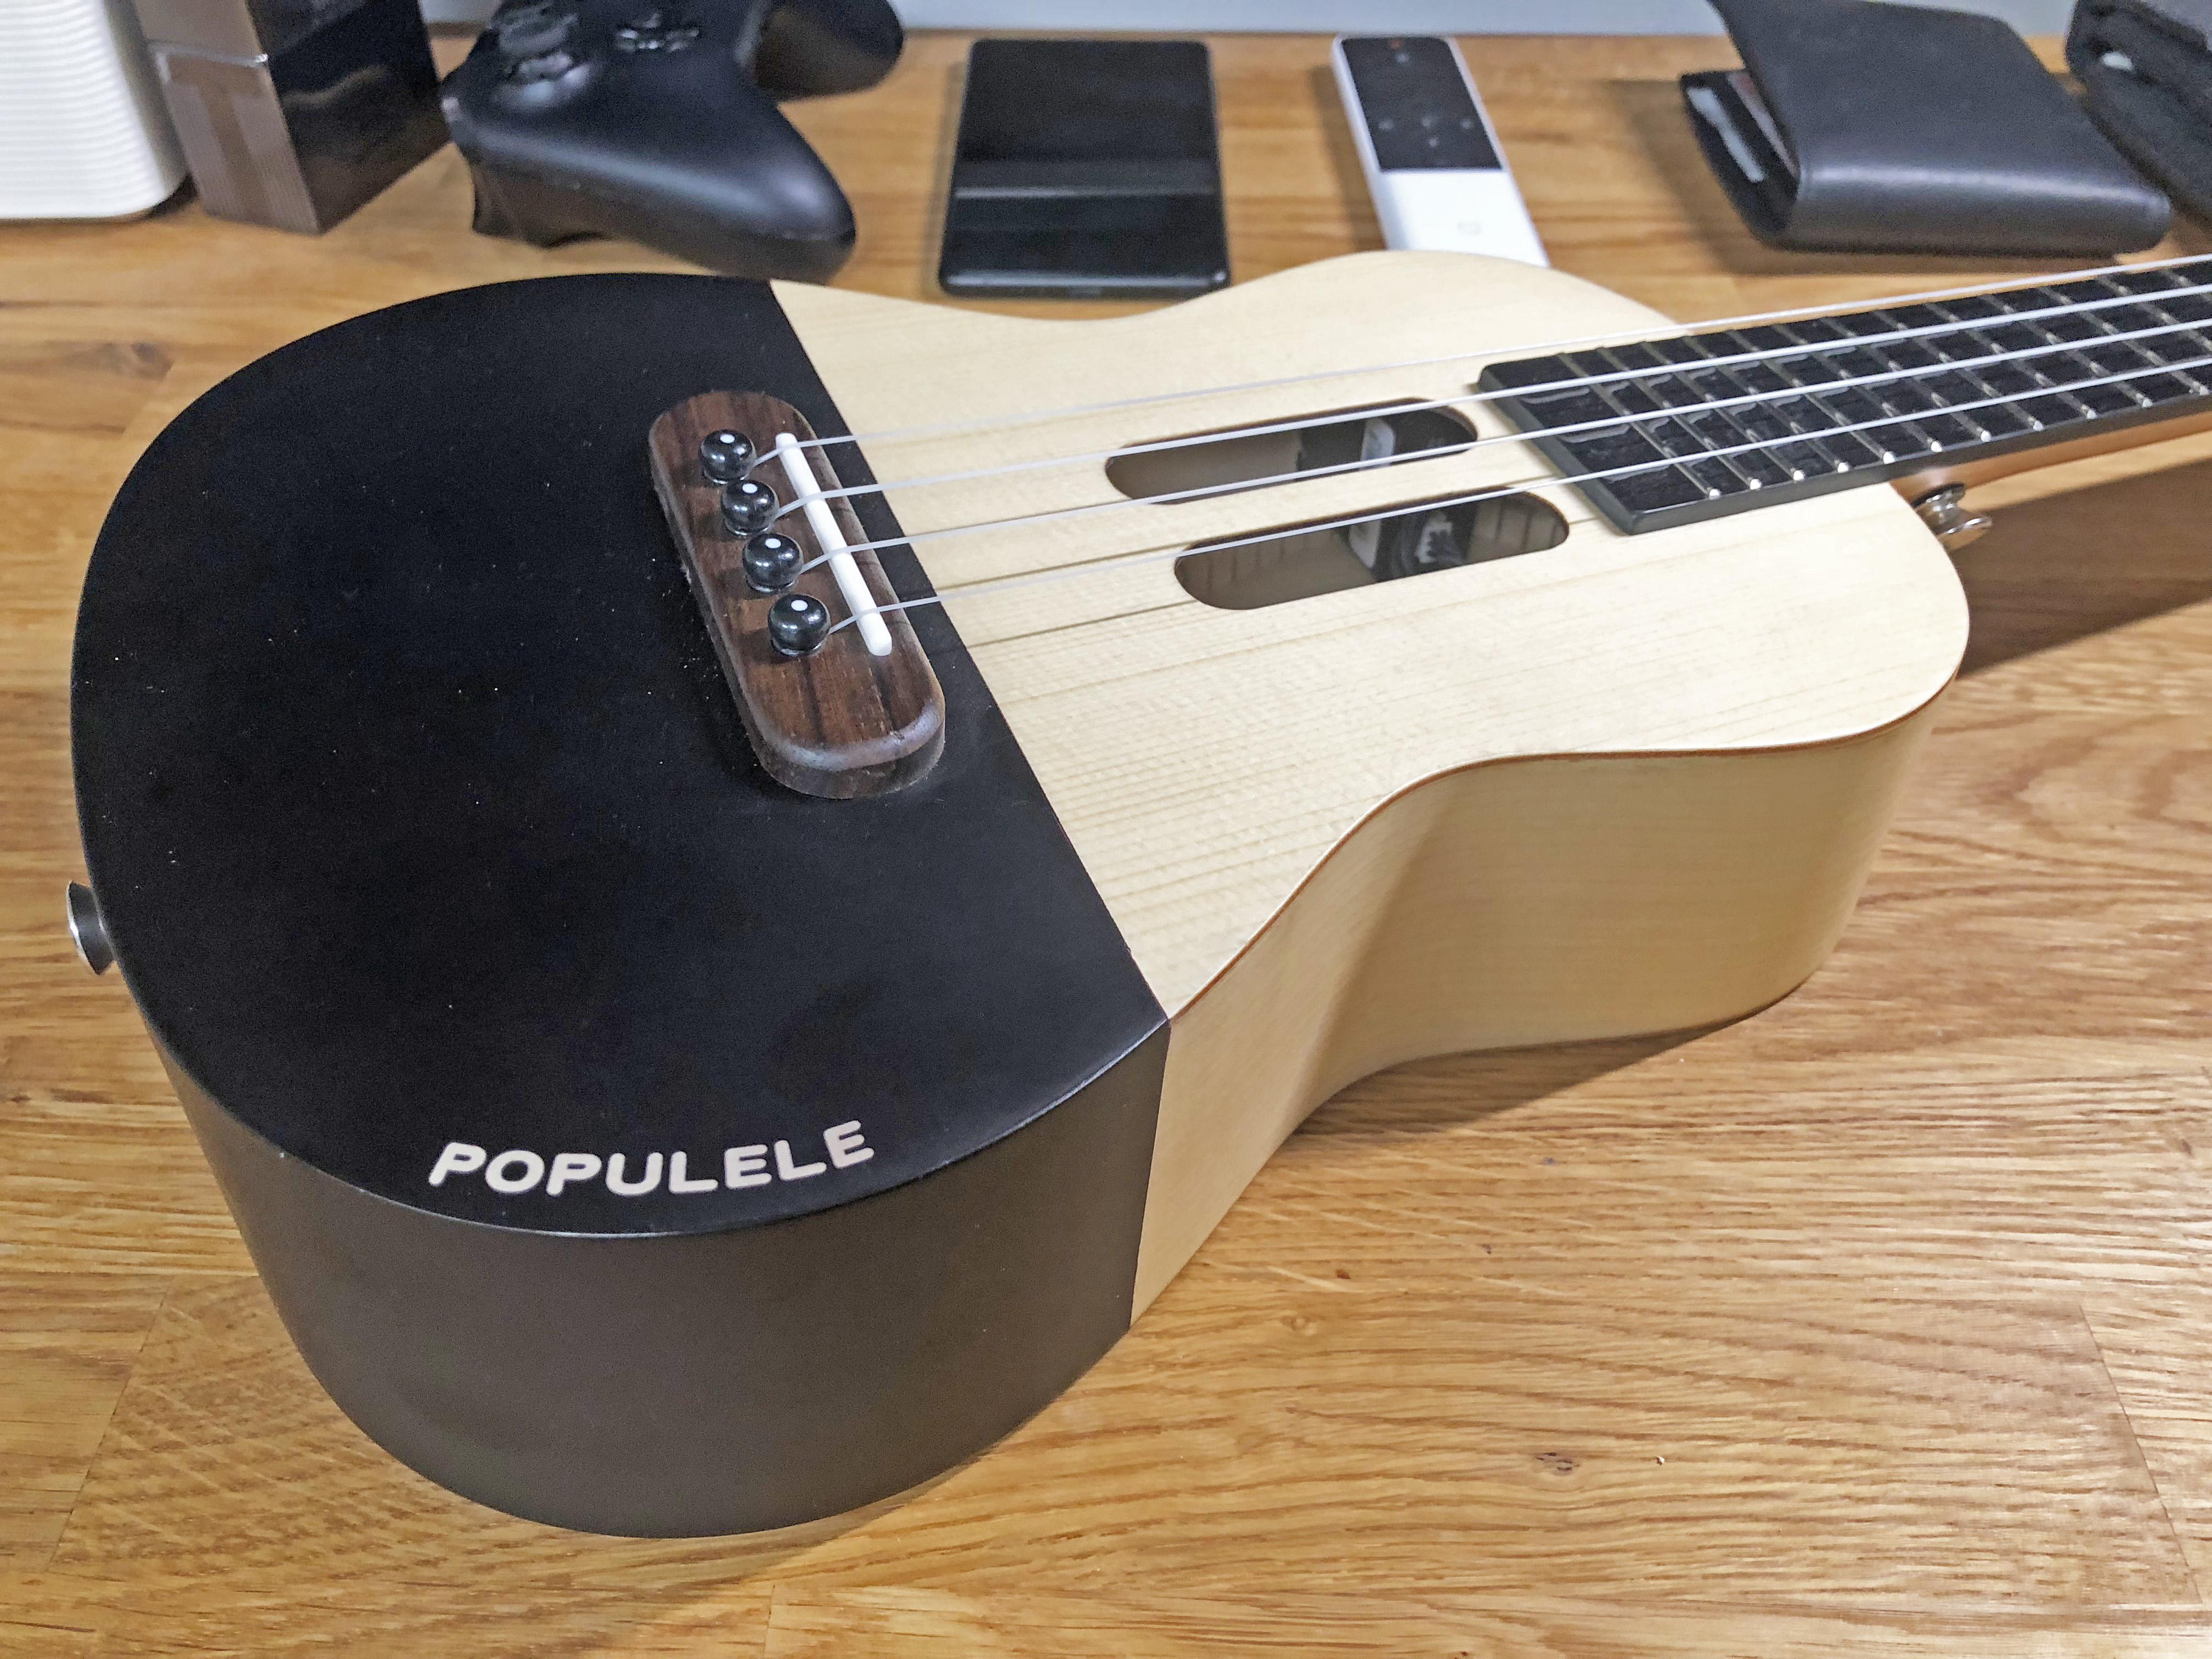 populele xiaomi ukulela